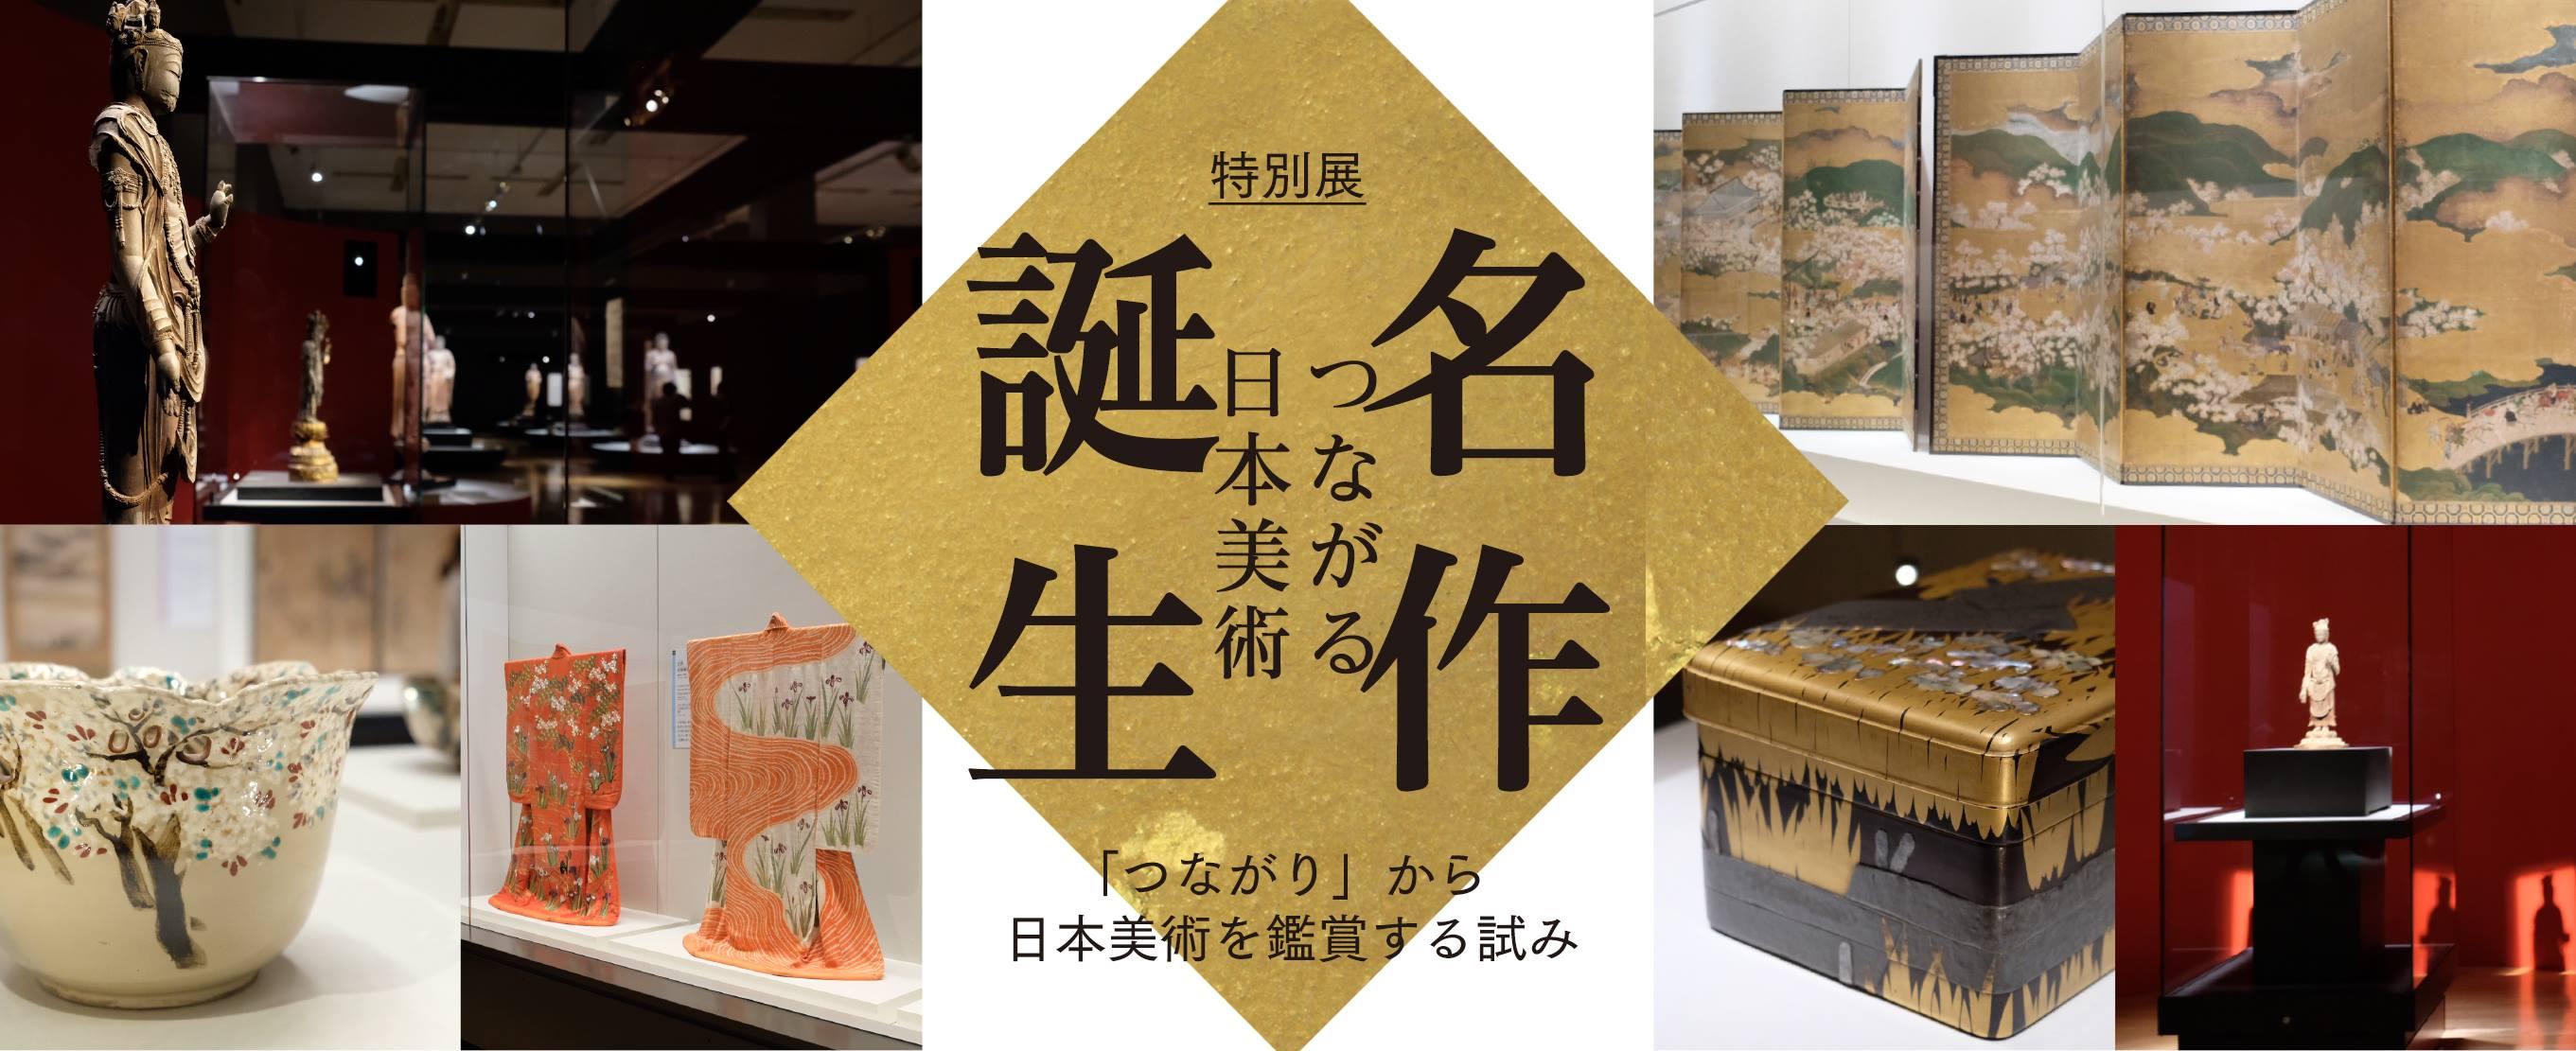 「つながり」から日本美術を鑑賞する試みー特別展『名作誕生ーつながる日本美術』